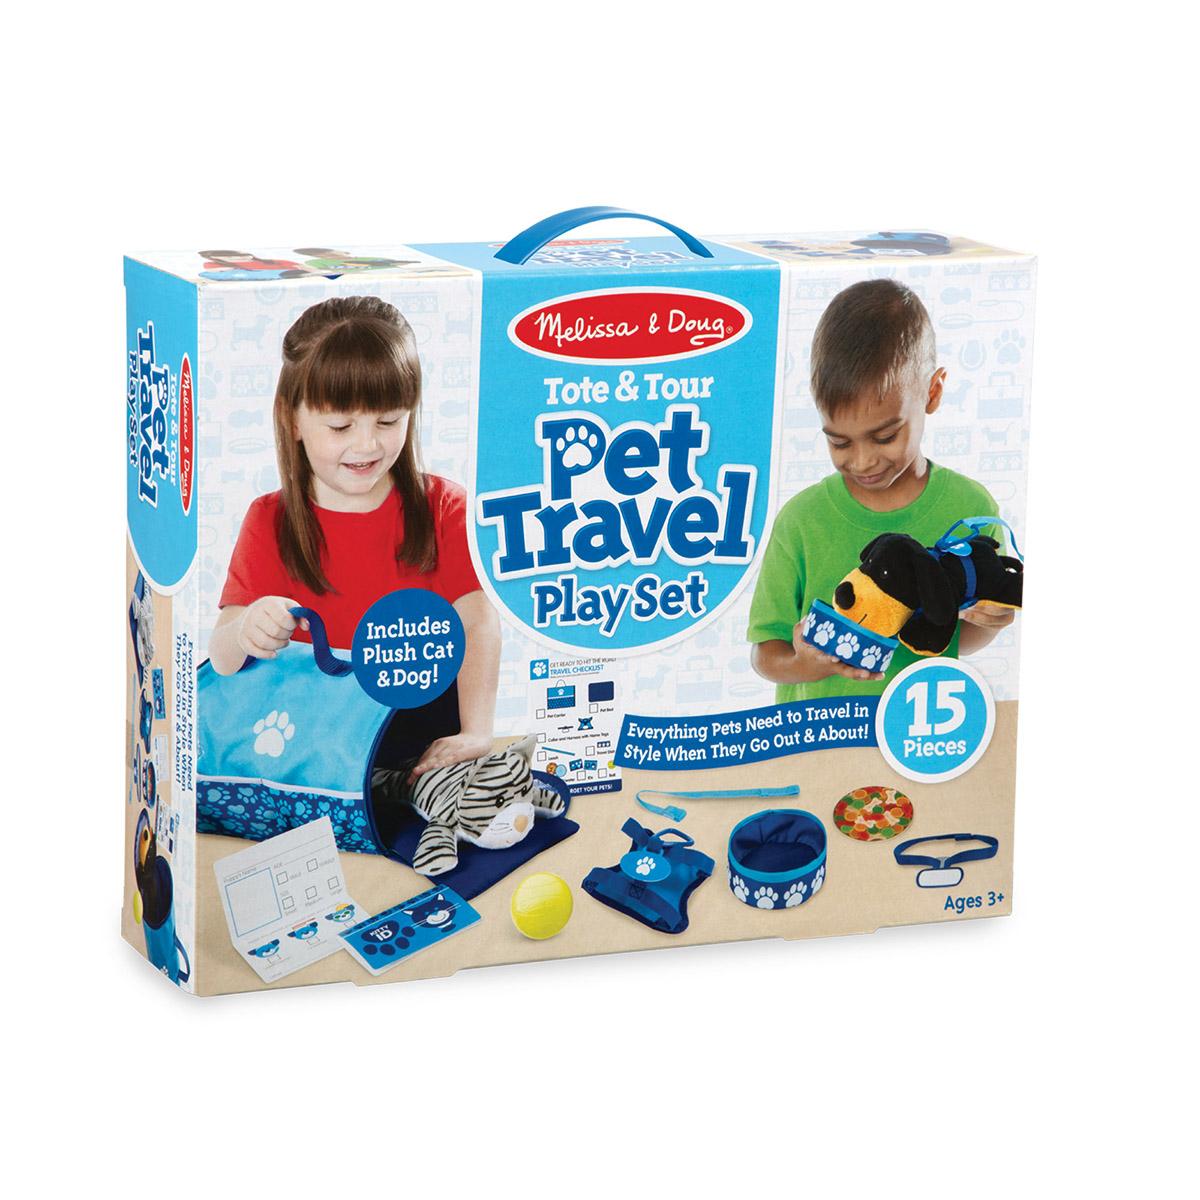 Melissa & Doug: Tote & Tour Pet Travel Play Set